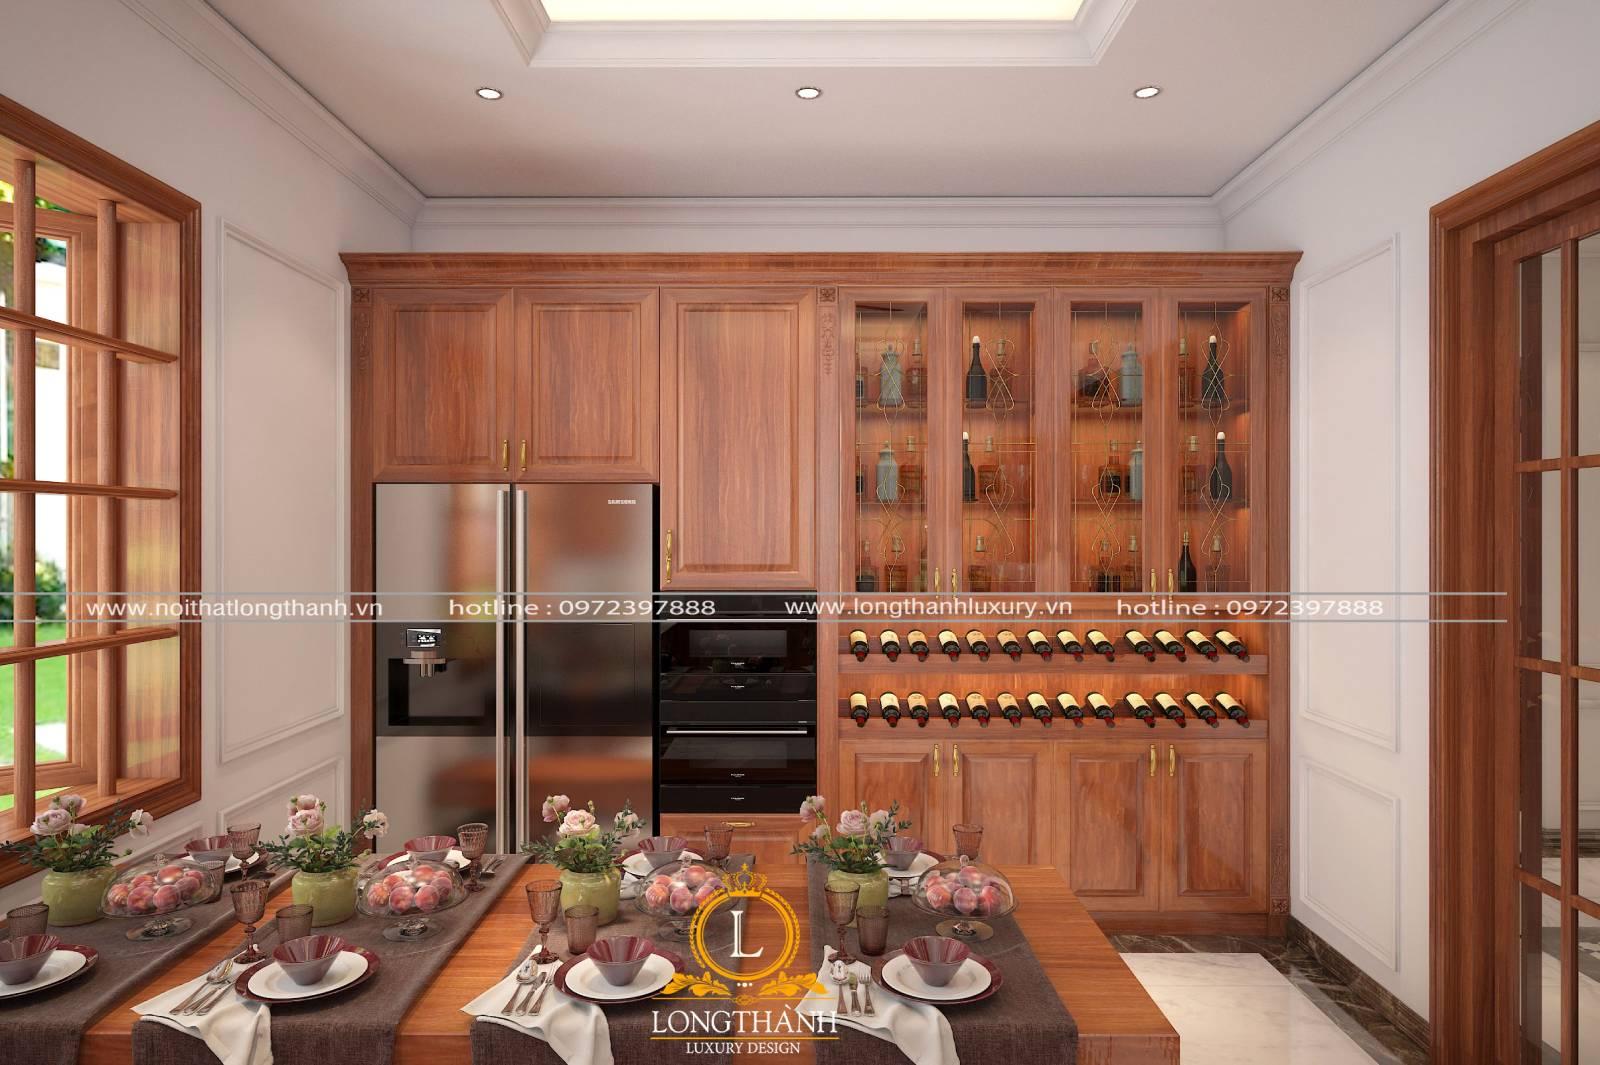 Thiết kế tủ bếp và bàn ăn gỗ Gõ tạo nên sự đồng bộ trong không gian bếp